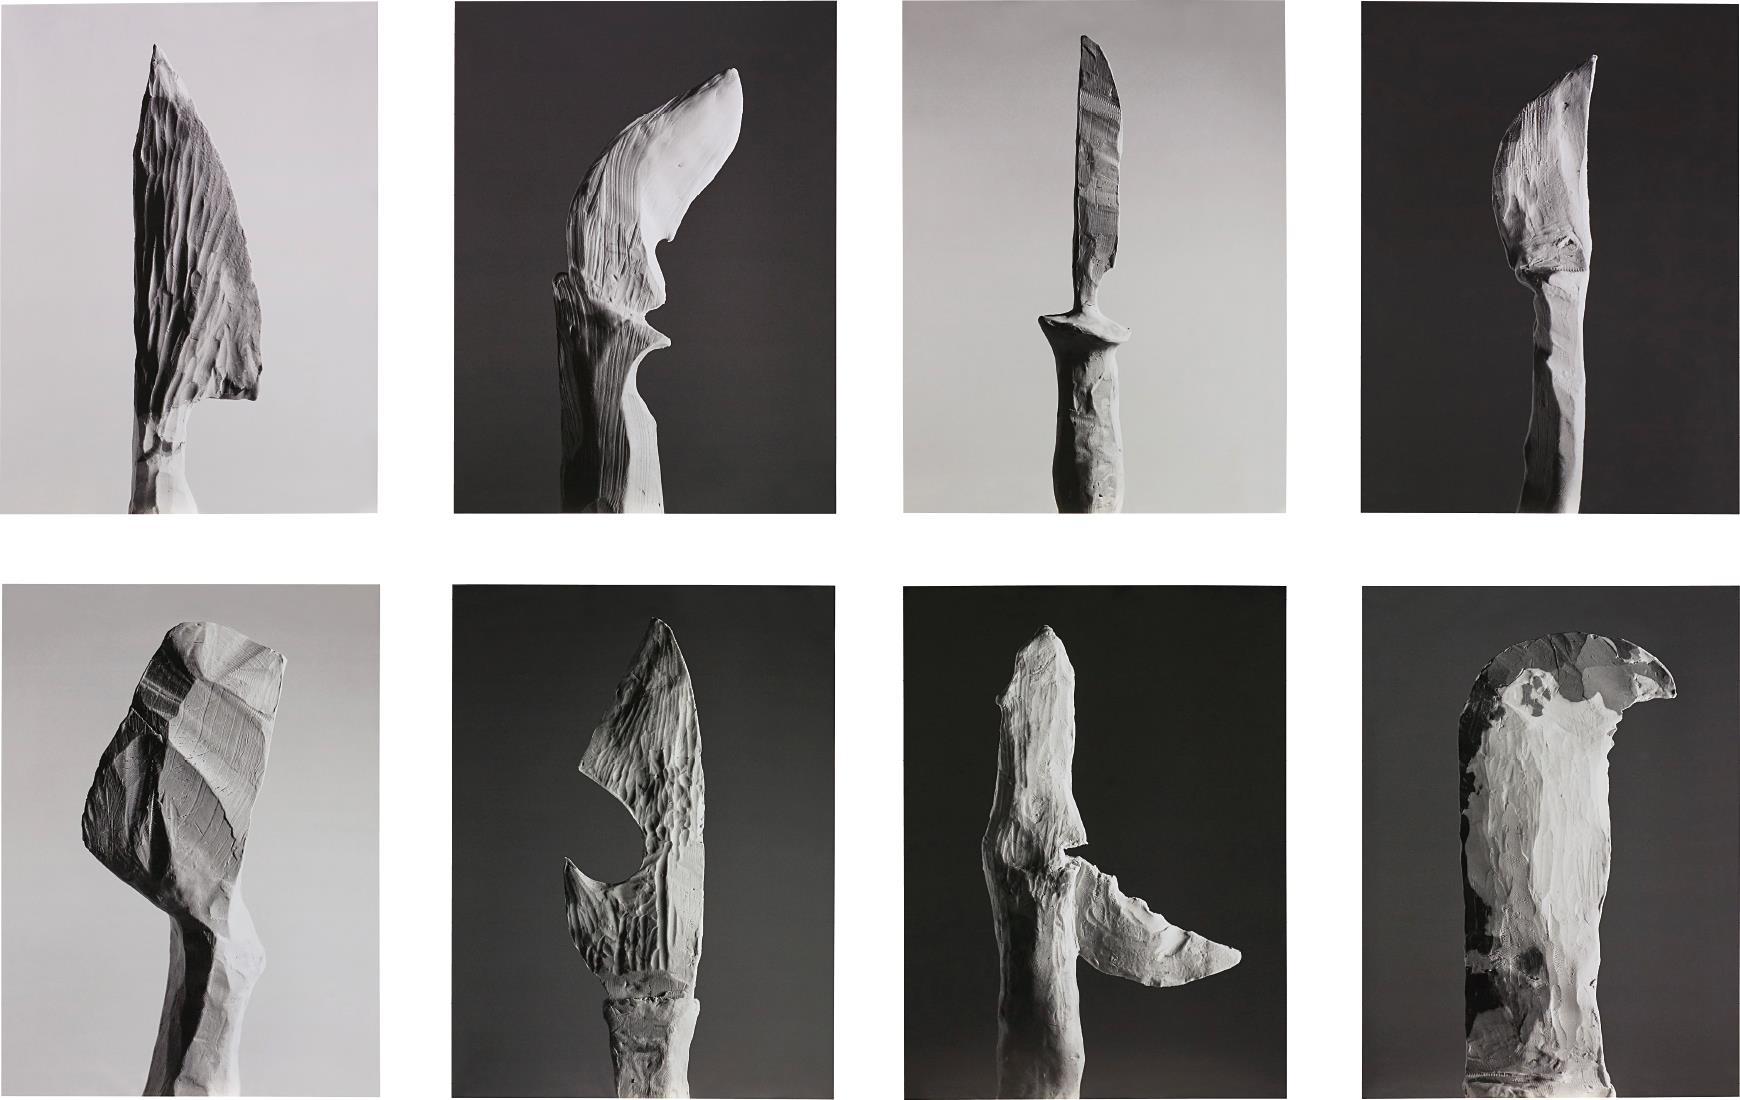 Erin Shirreff-Knife-2008